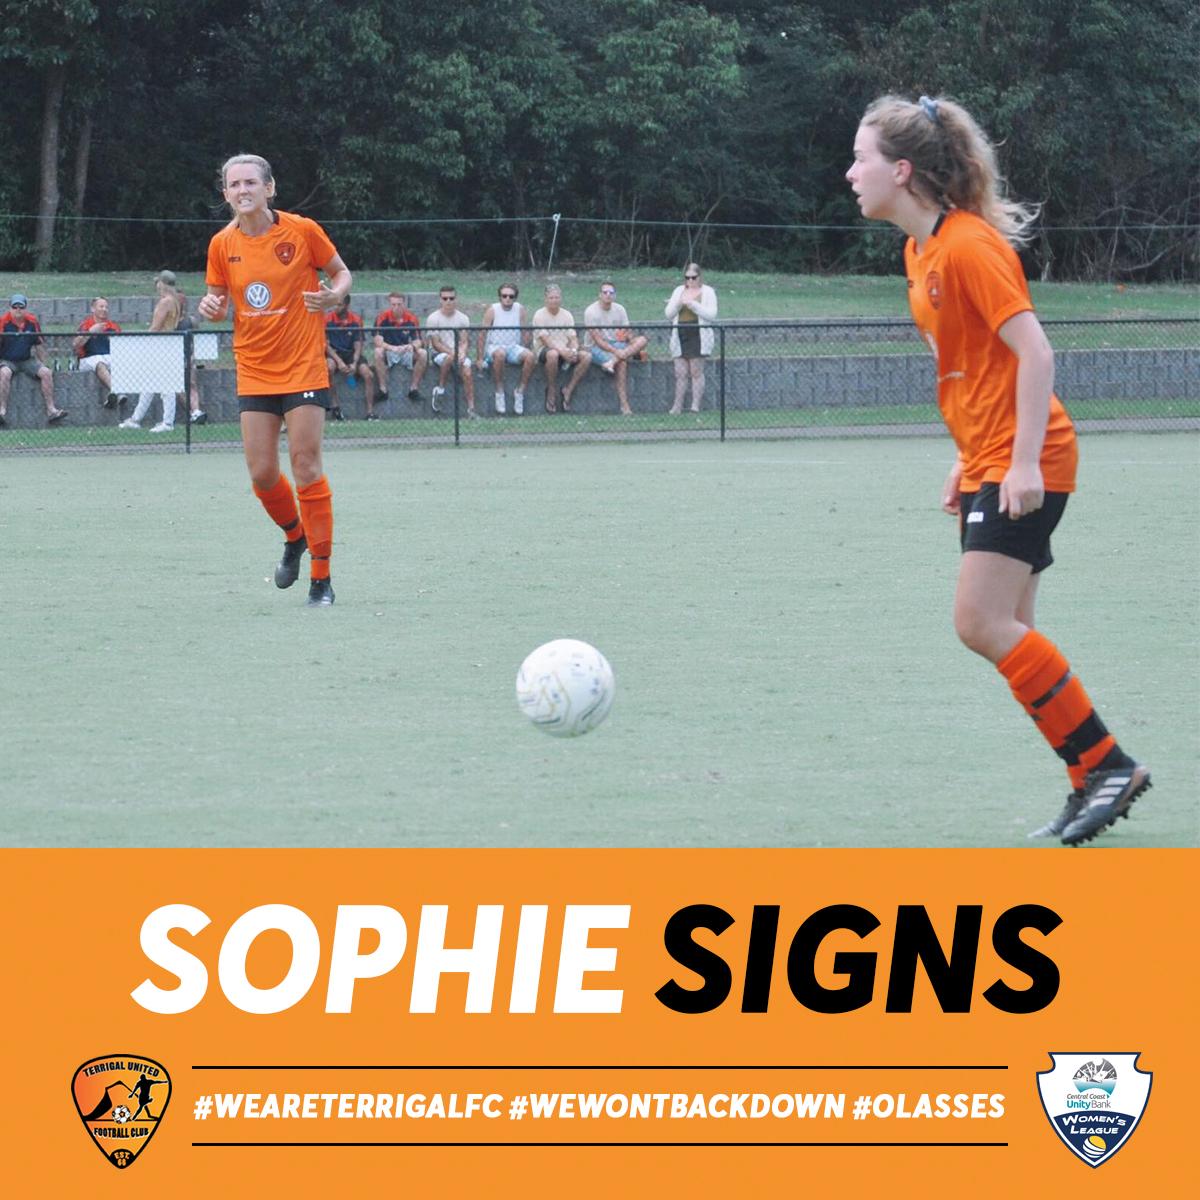 Sophie Signs